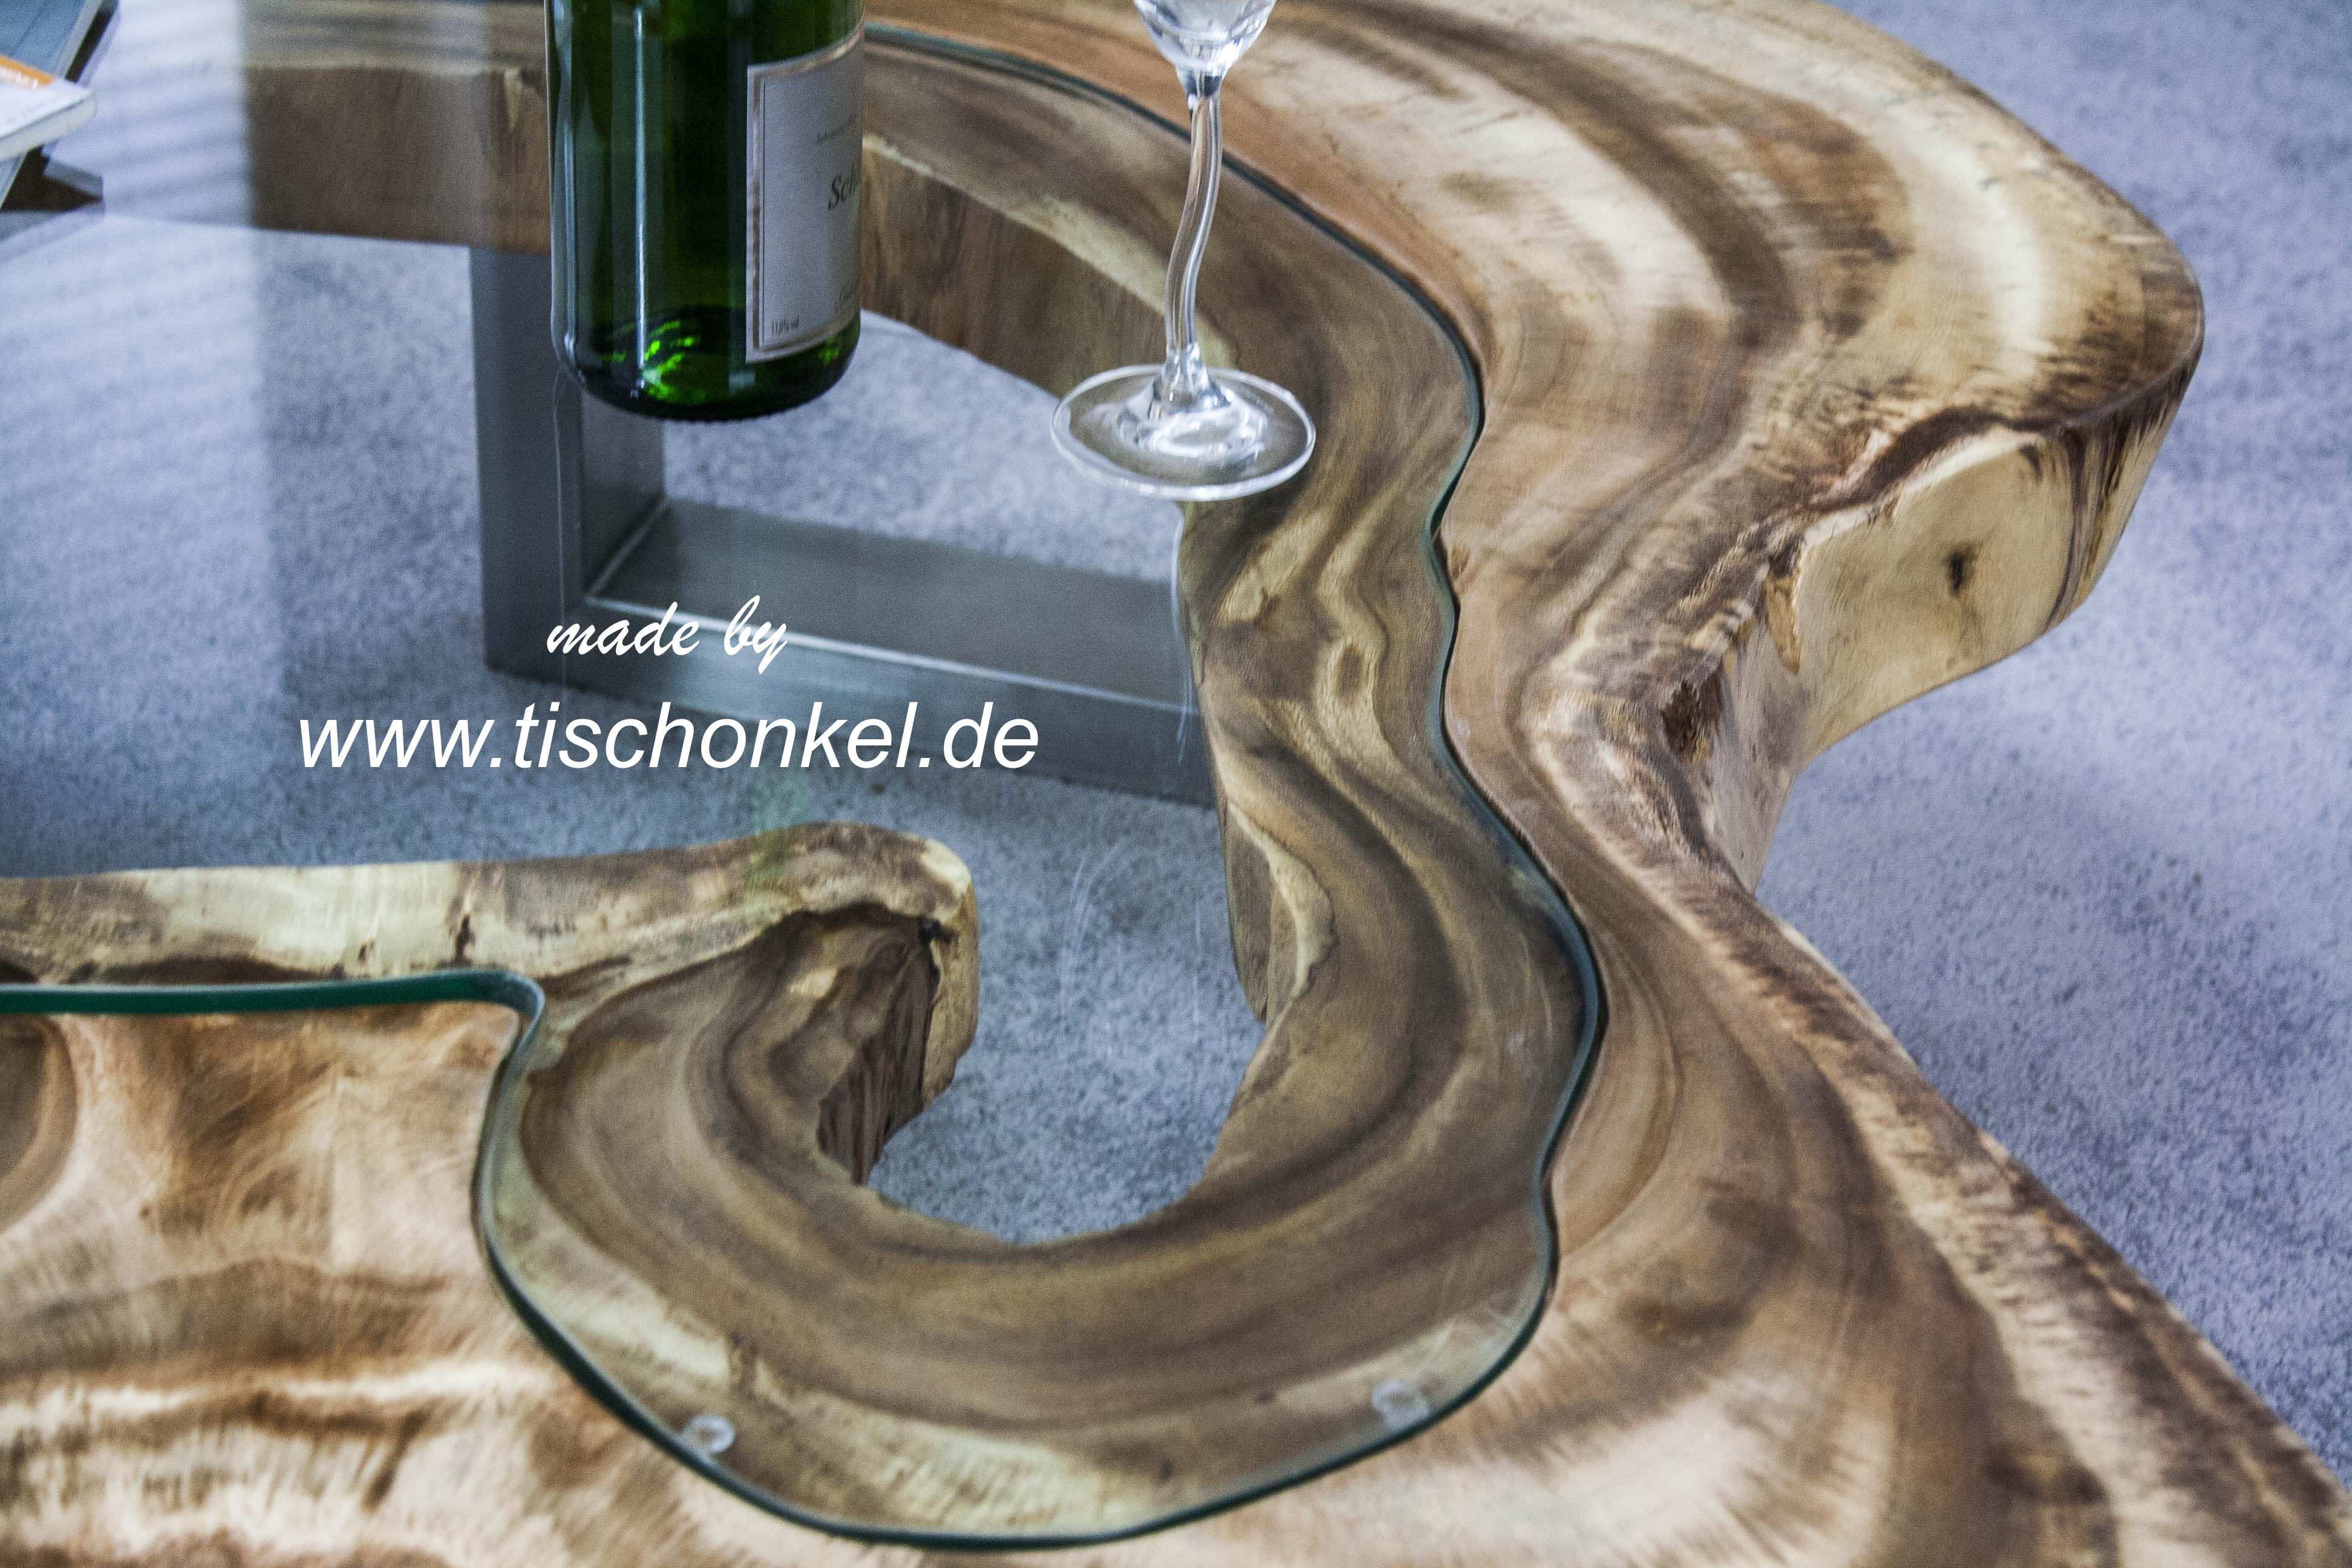 couchtisch aus einer baumscheibe mit glasplatte der tischonkel. Black Bedroom Furniture Sets. Home Design Ideas